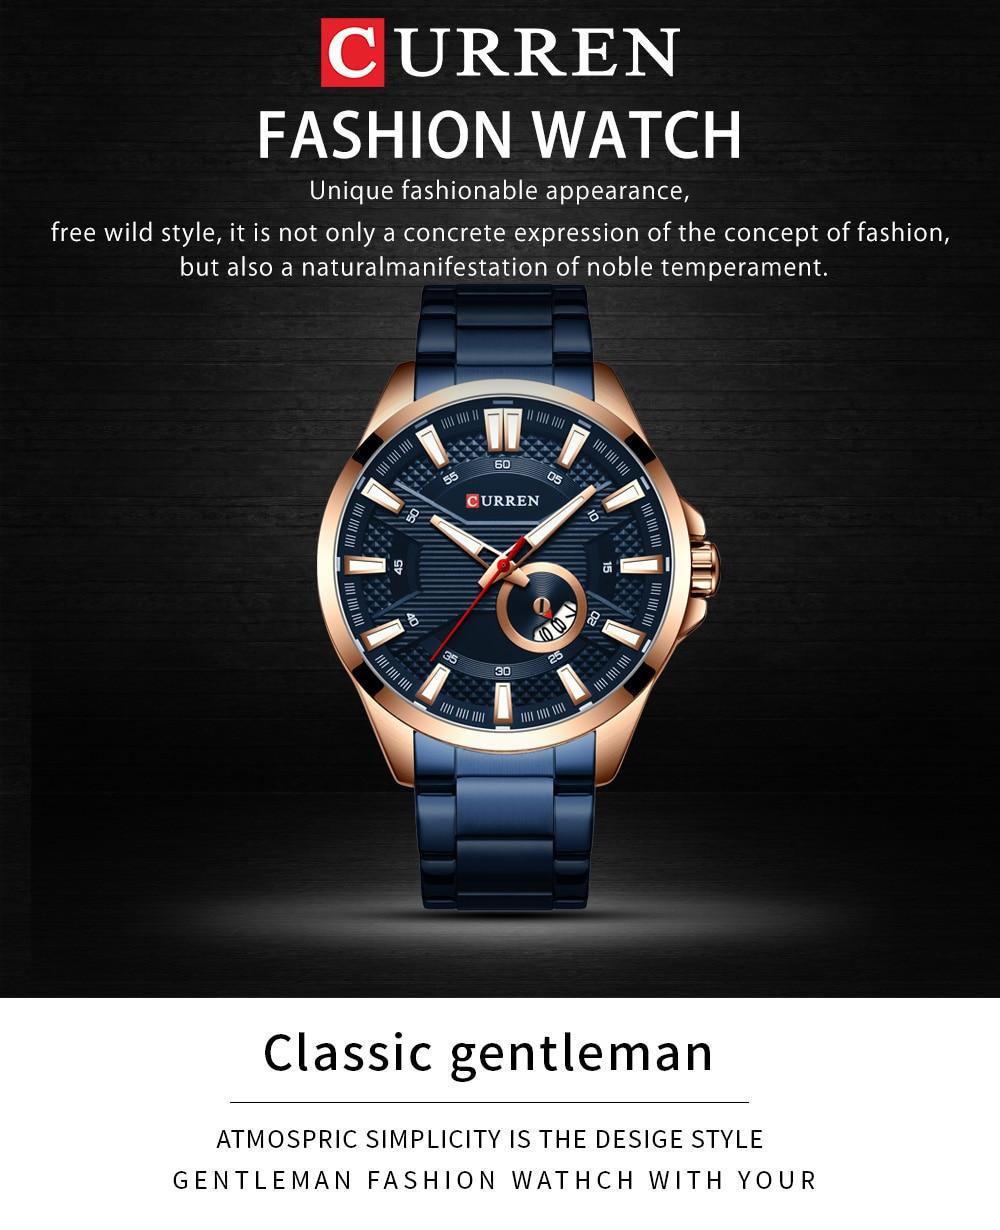 H2a6d1b7c1b8546098b22a171f25cb74ek New Stainless Steel Quartz Men's Watches Fashion CURREN Wrist Watch Causal Business Watch Top Luxury Brand Men Watch Male Clock